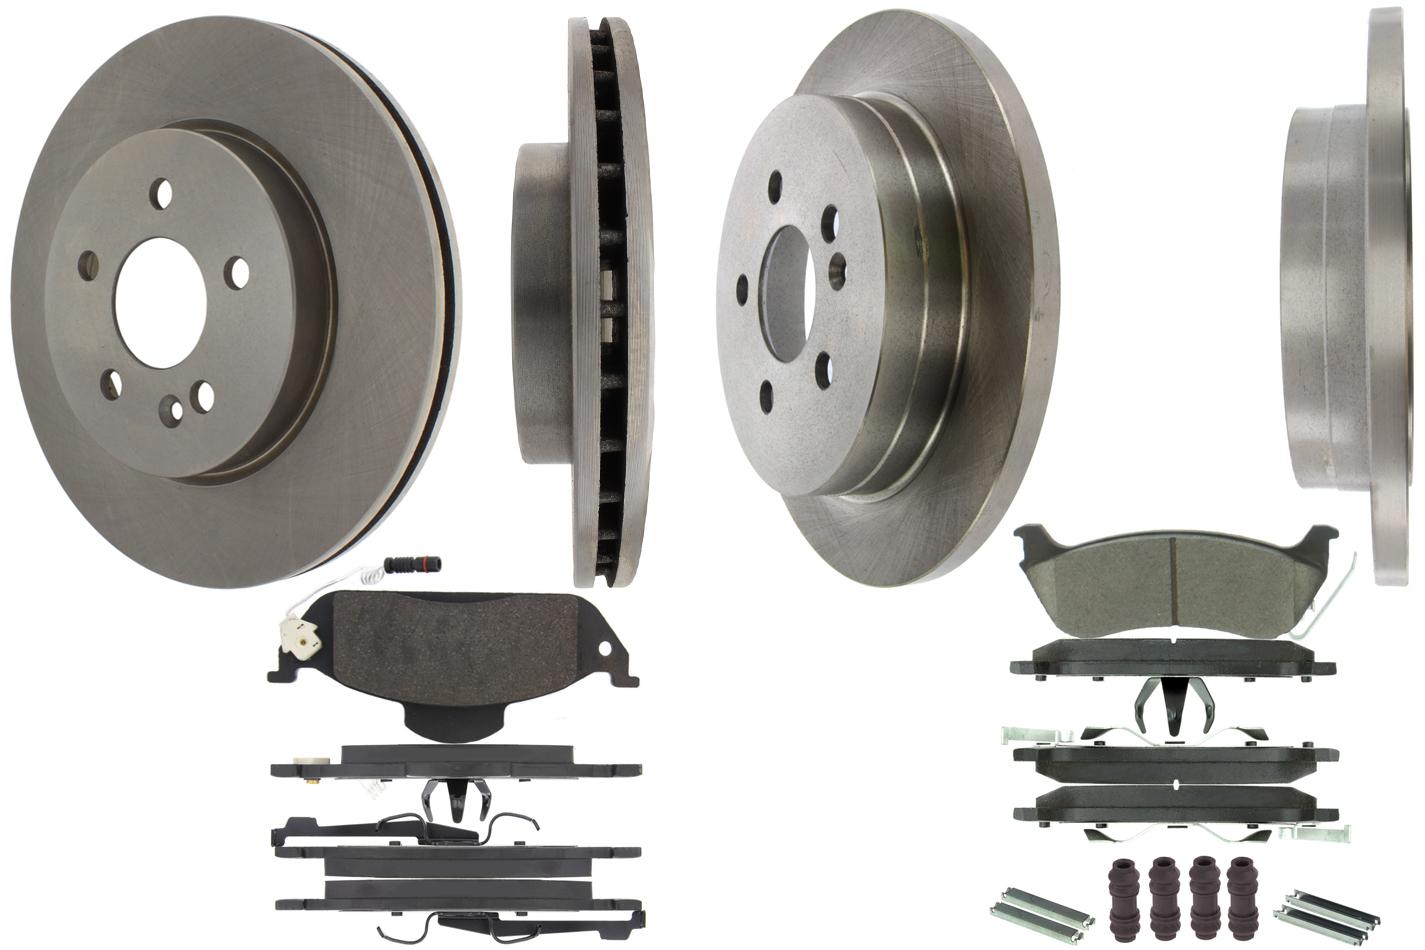 Centric Brake Parts 905.35157 Brake Rotor and Pad Kit, Premium, Semi-Metallic Pads, Iron, Natural, Mercedes-Benz ML320 / ML350 / ML430 1998-2005, Kit